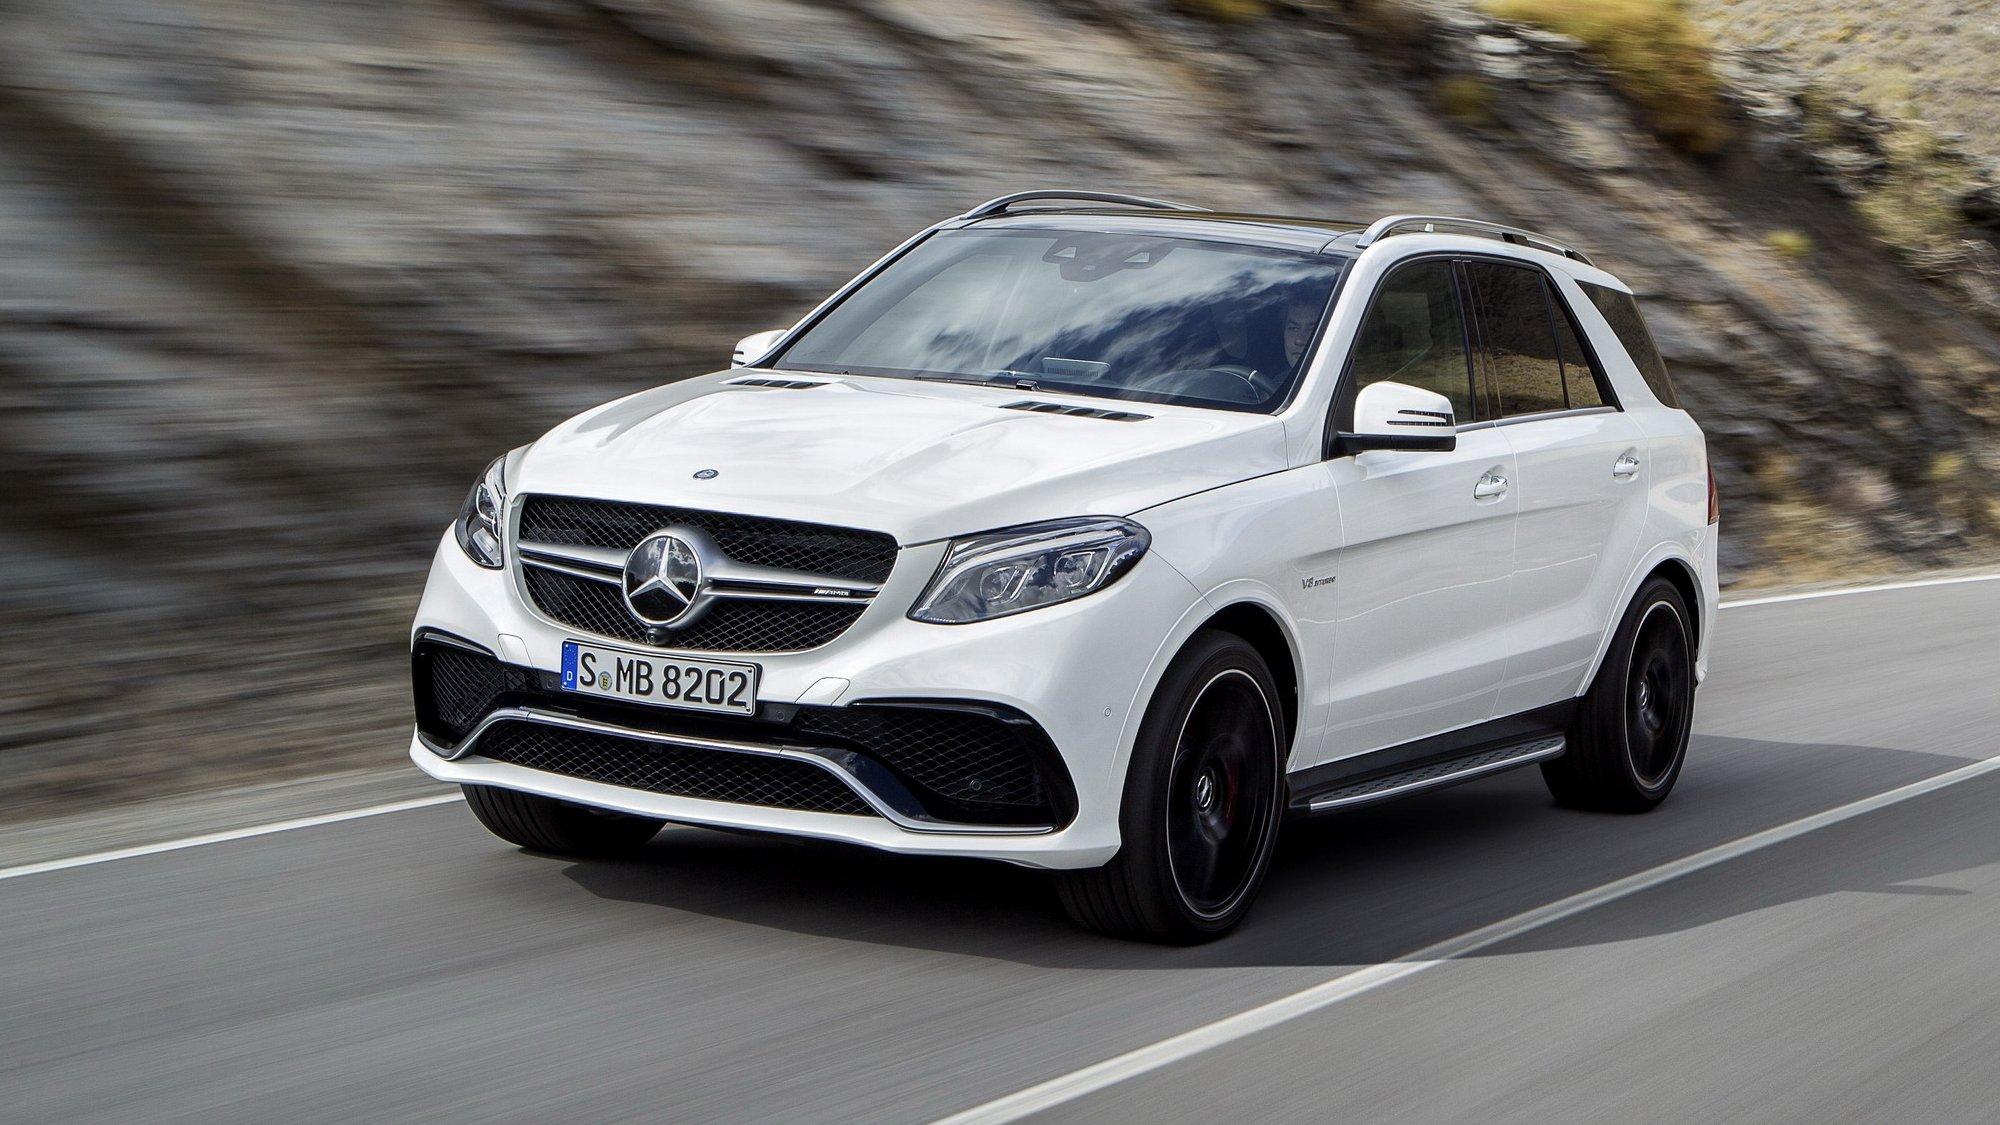 2021 Mercedes GLE63 görüntülendi!